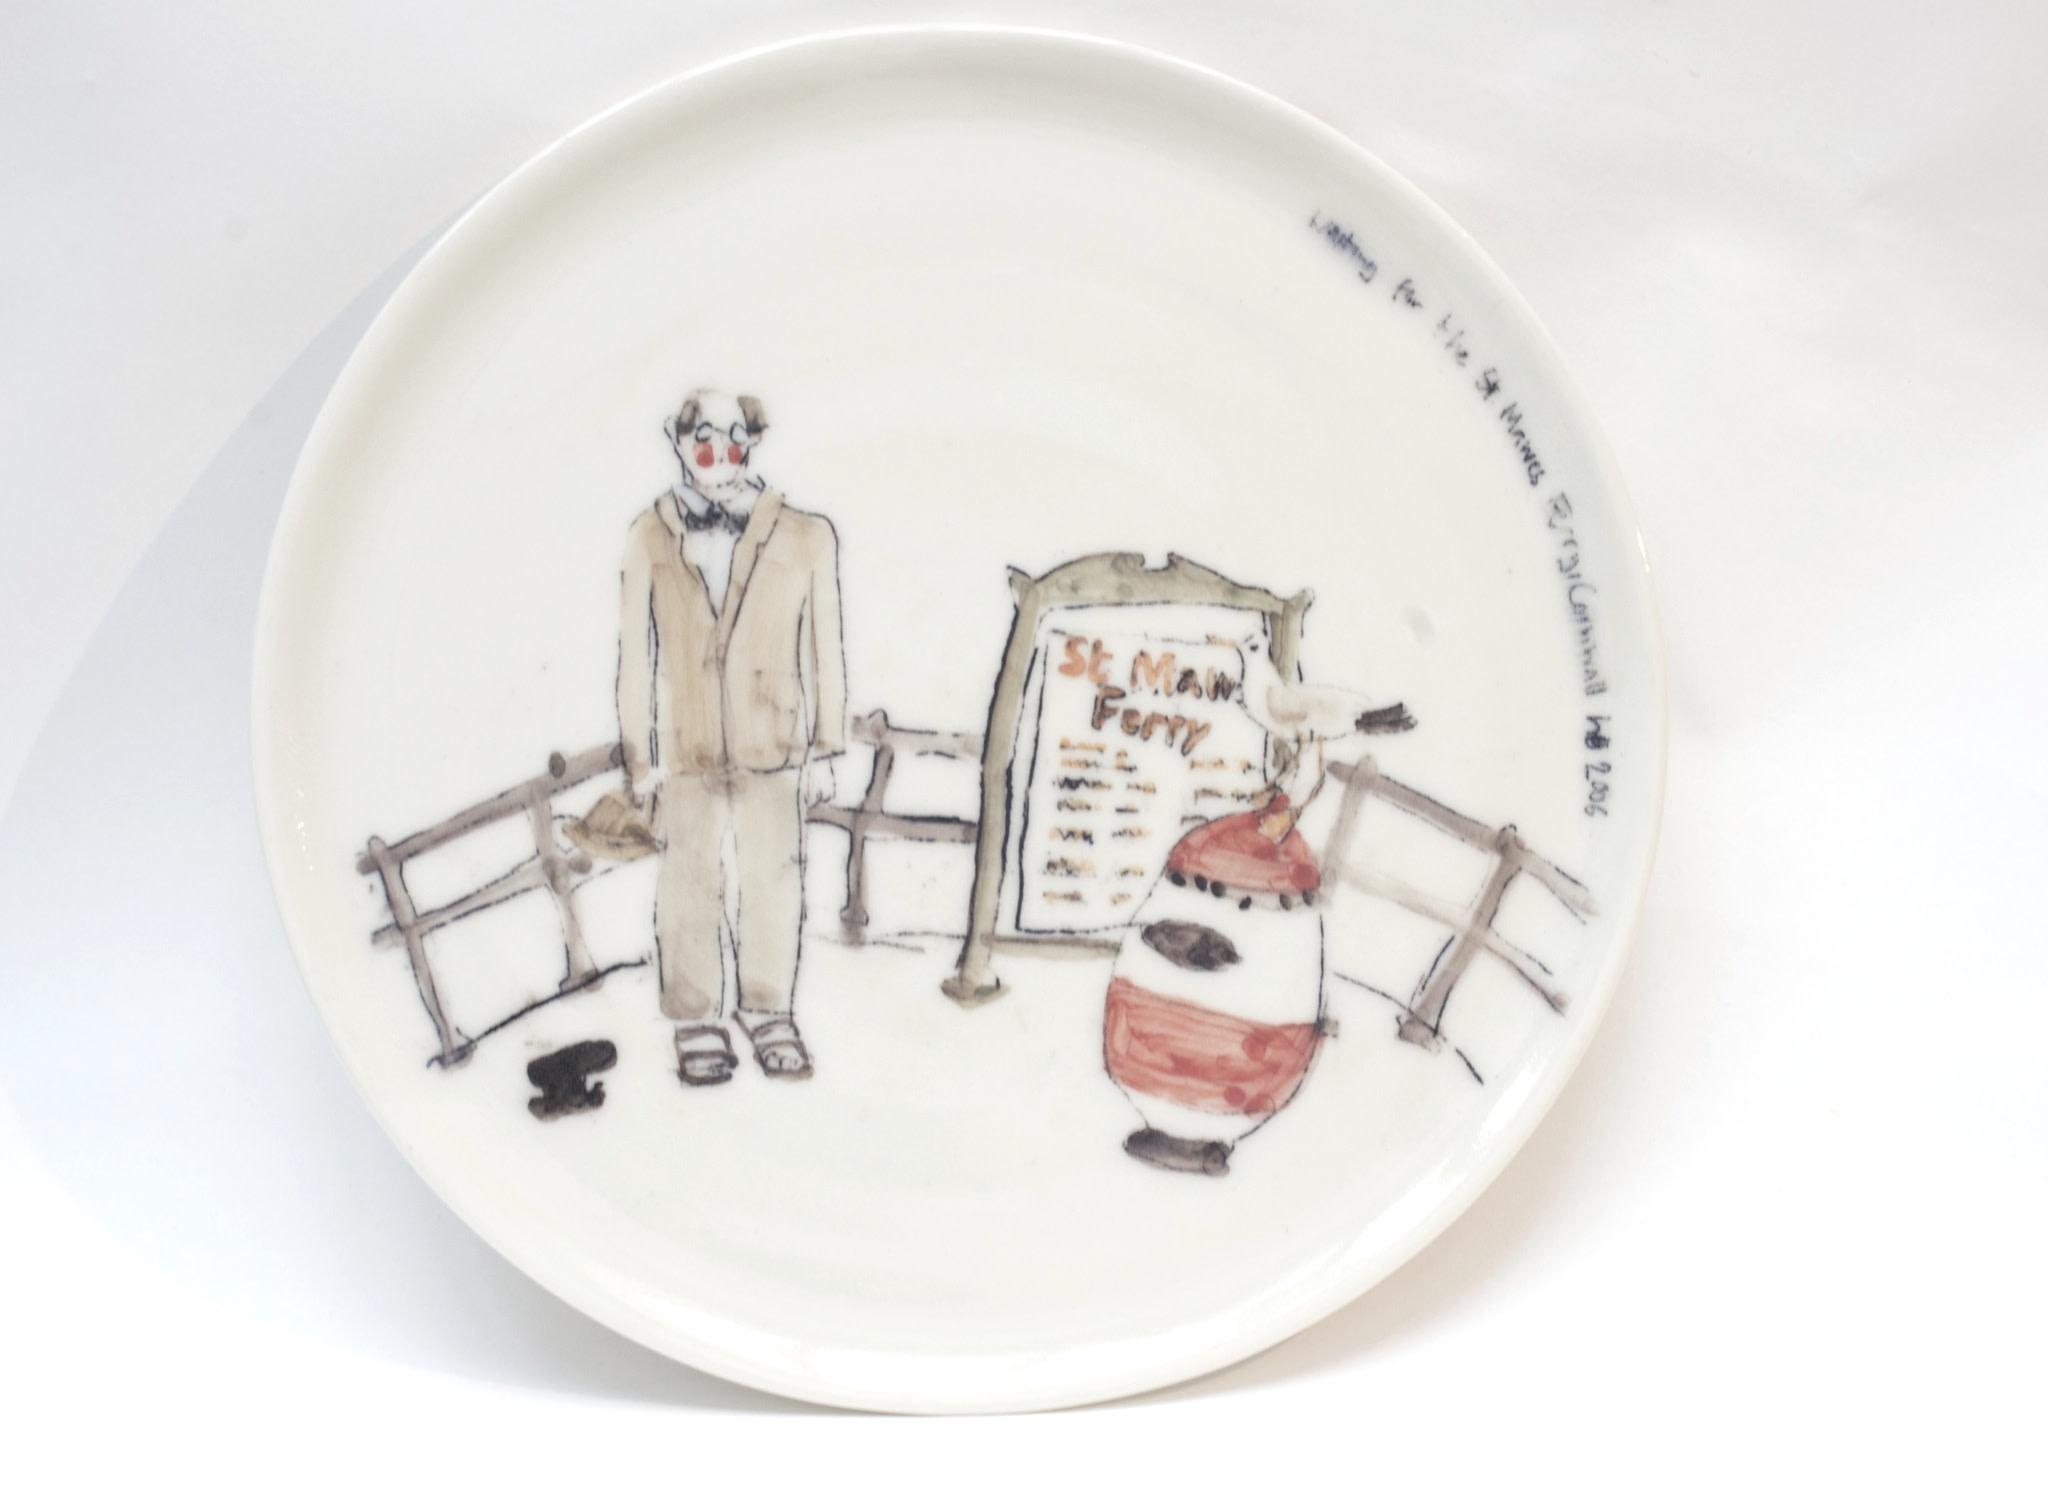 """<span class=""""link fancybox-details-link""""><a href=""""/artists/68-helen-beard/works/121-helen-beard-st-mawes-plate-2012/"""">View Detail Page</a></span><div class=""""artist""""><strong>Helen Beard</strong></div> <div class=""""title""""><em>St Mawes Plate</em>, 2012</div> <div class=""""signed_and_dated"""">Helen Beard</div> <div class=""""medium"""">hand-thrown, painted porcelain</div><div class=""""price"""">£280.00</div><div class=""""copyright_line"""">OwnArt: £ 28 x 10 Months, 0% APR</div>"""